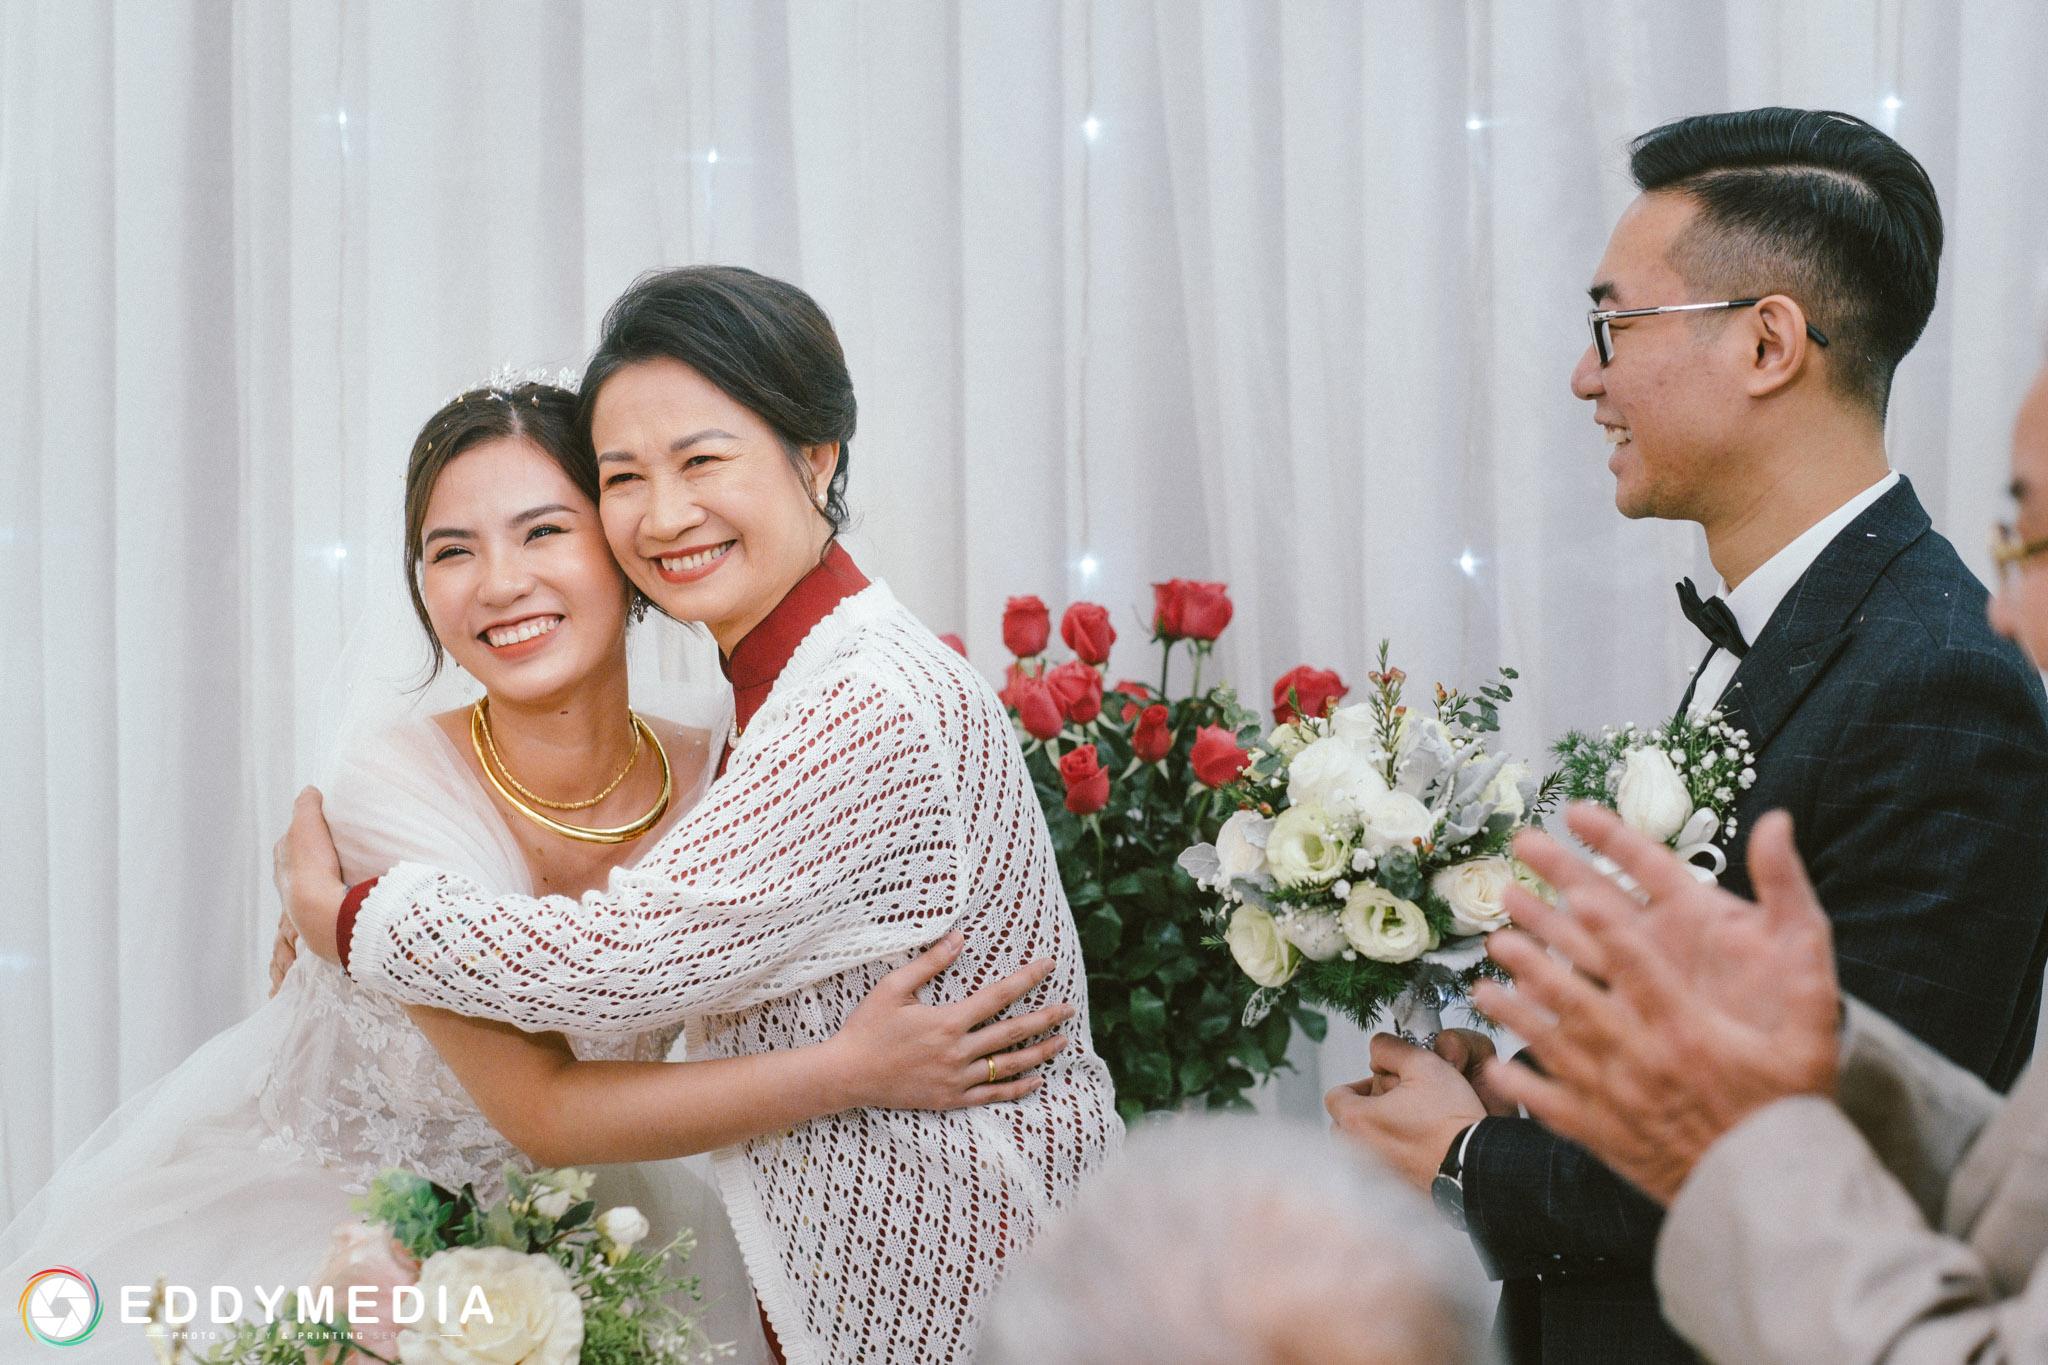 tạo dáng chụp ảnh đám cưới ăn hỏi